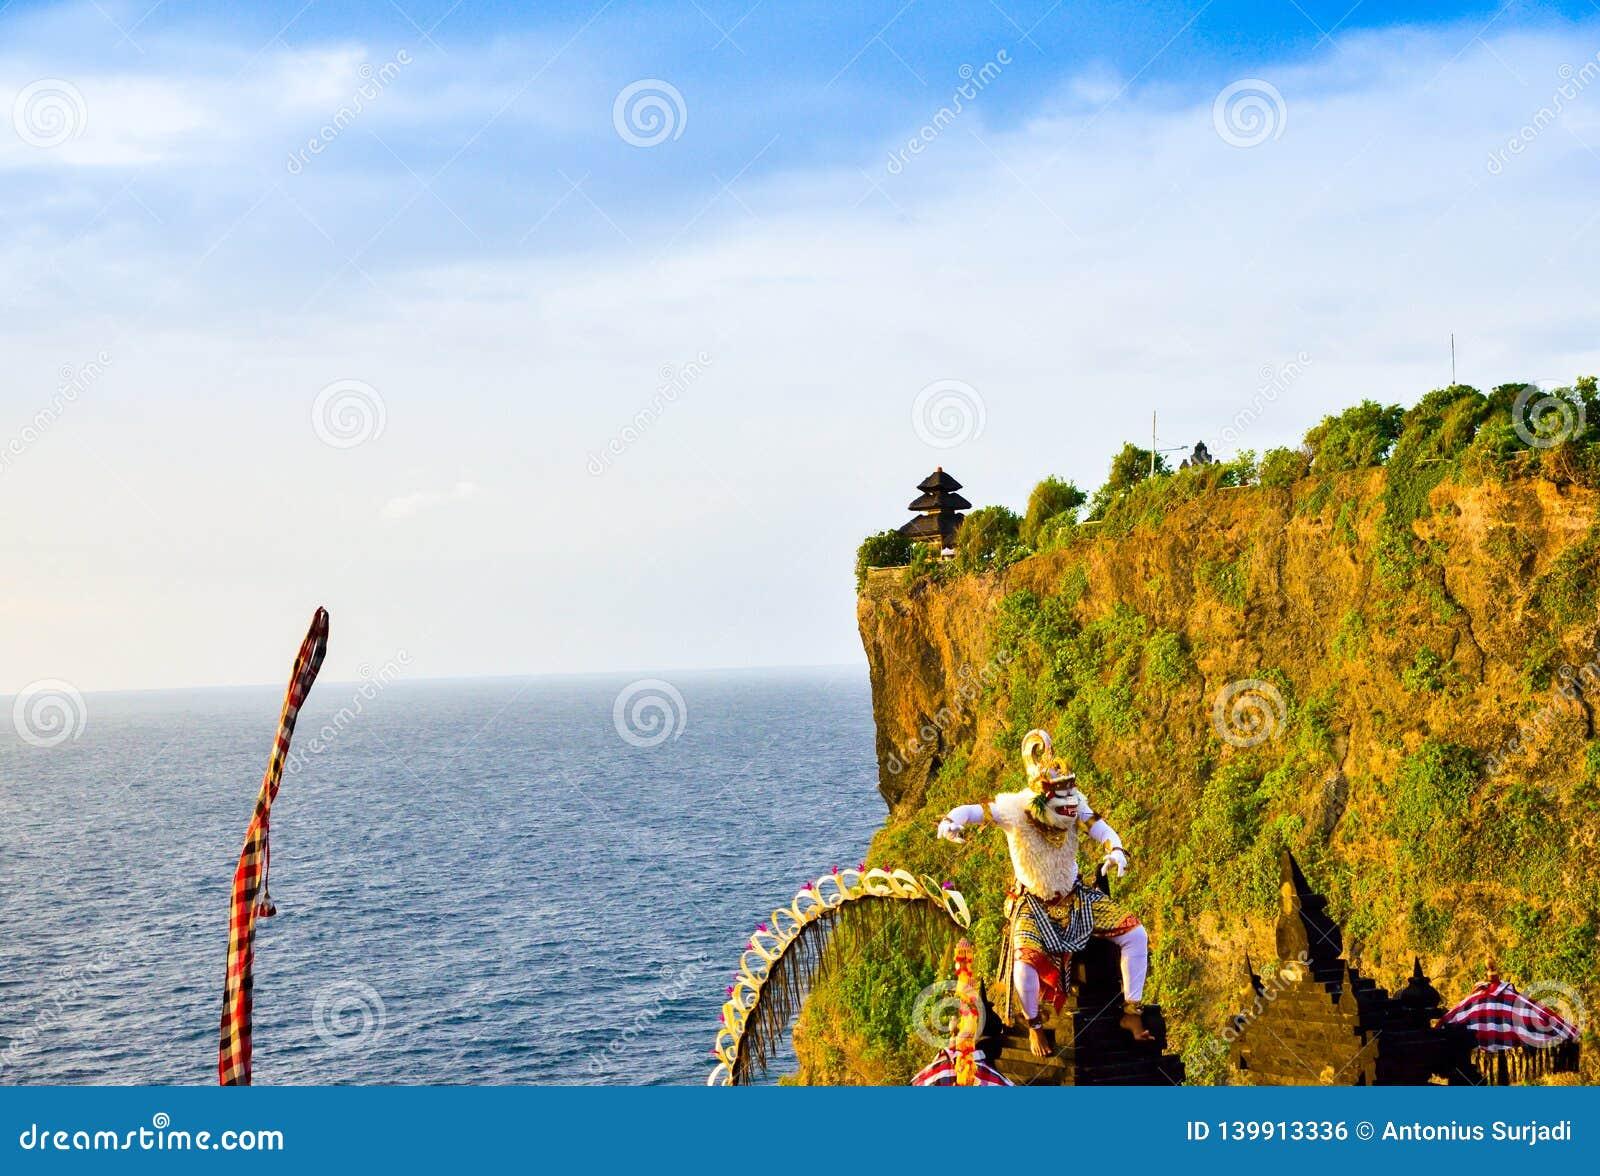 Ρομαντικό ηλιοβασίλεμα Goregeous στον απότομο βράχο πάνω από το βουνό με τον ιερό ναό στο τοπ και λευκό χαρακτήρα Θεών πιθήκων